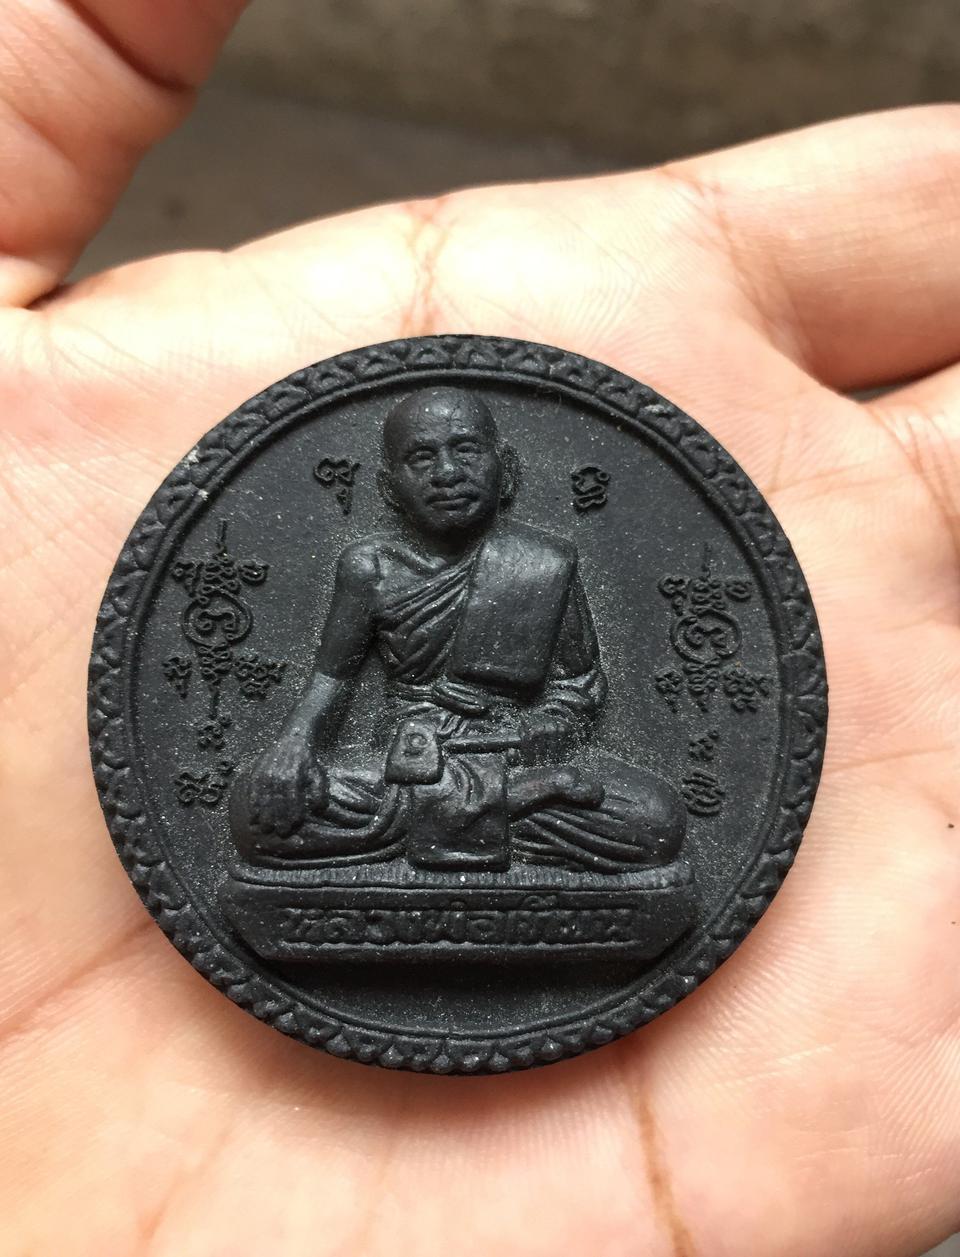 หลวงพ่อเทียนหลังฝั่งตะกรุดเงินราชบุรี รูปที่ 1